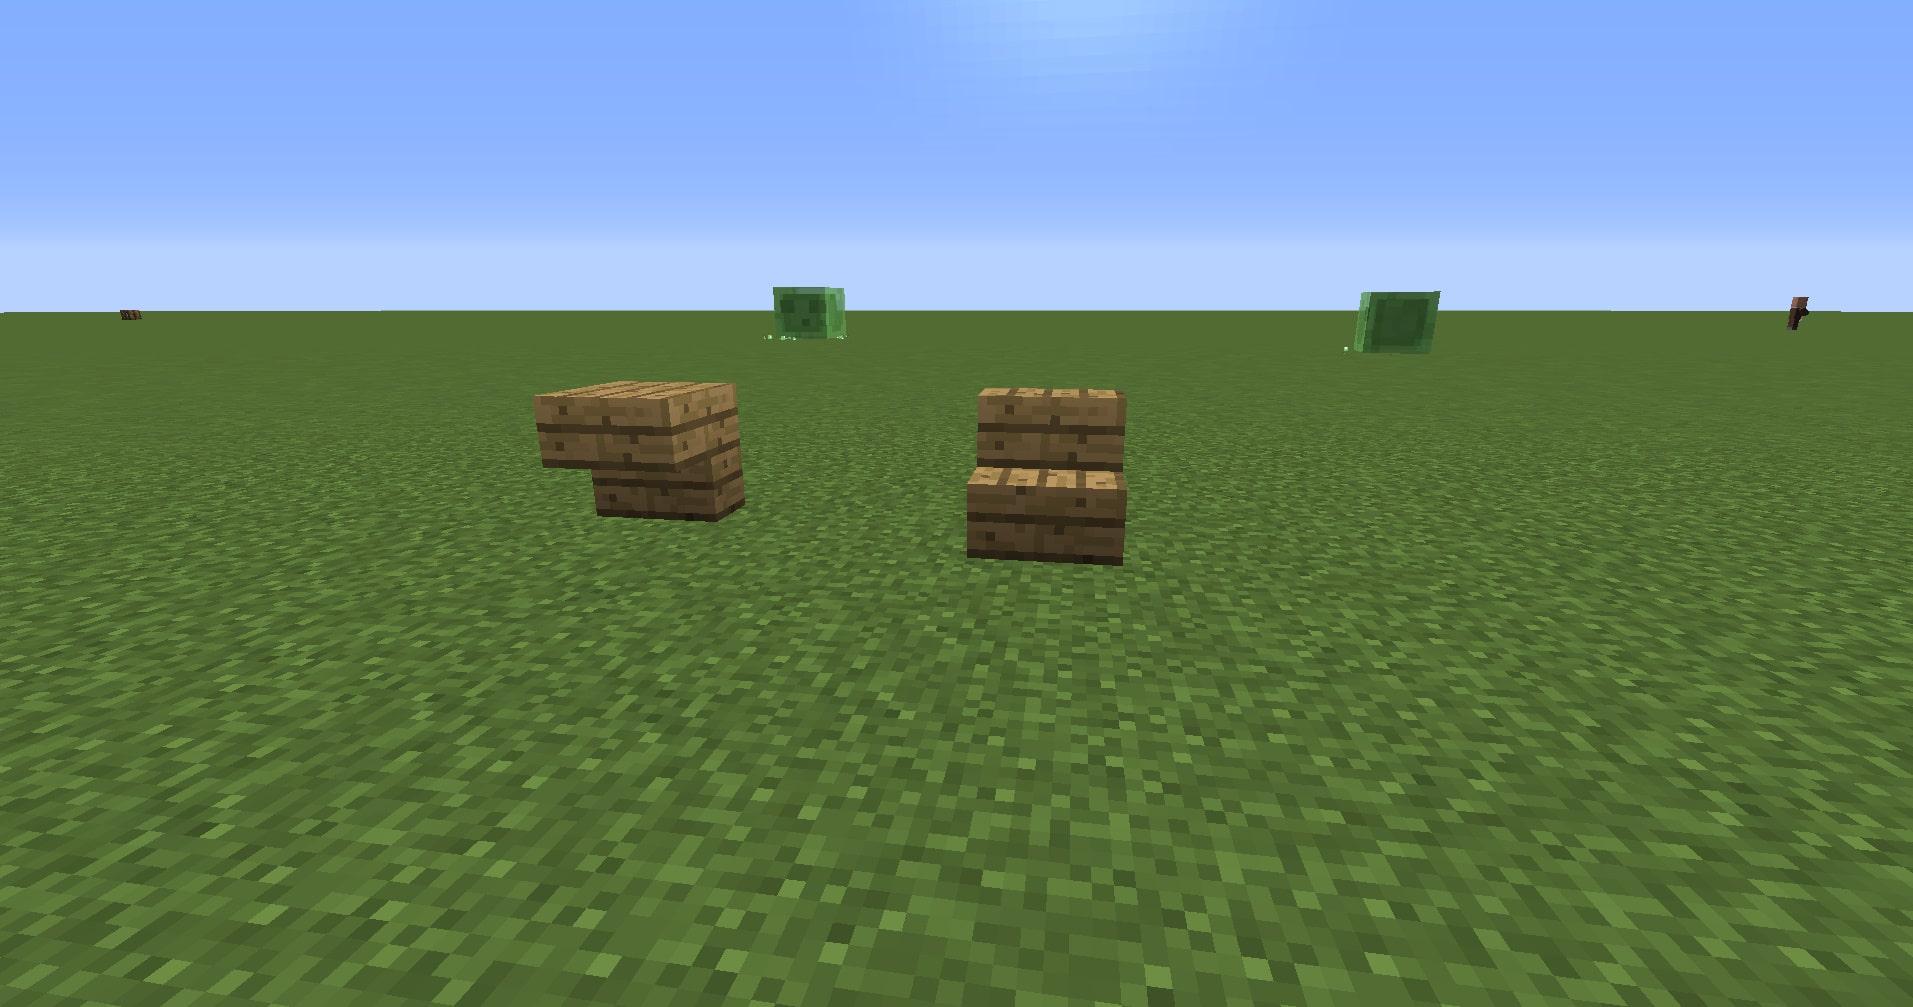 マインクラフト攻略 階段ブロックの使い方